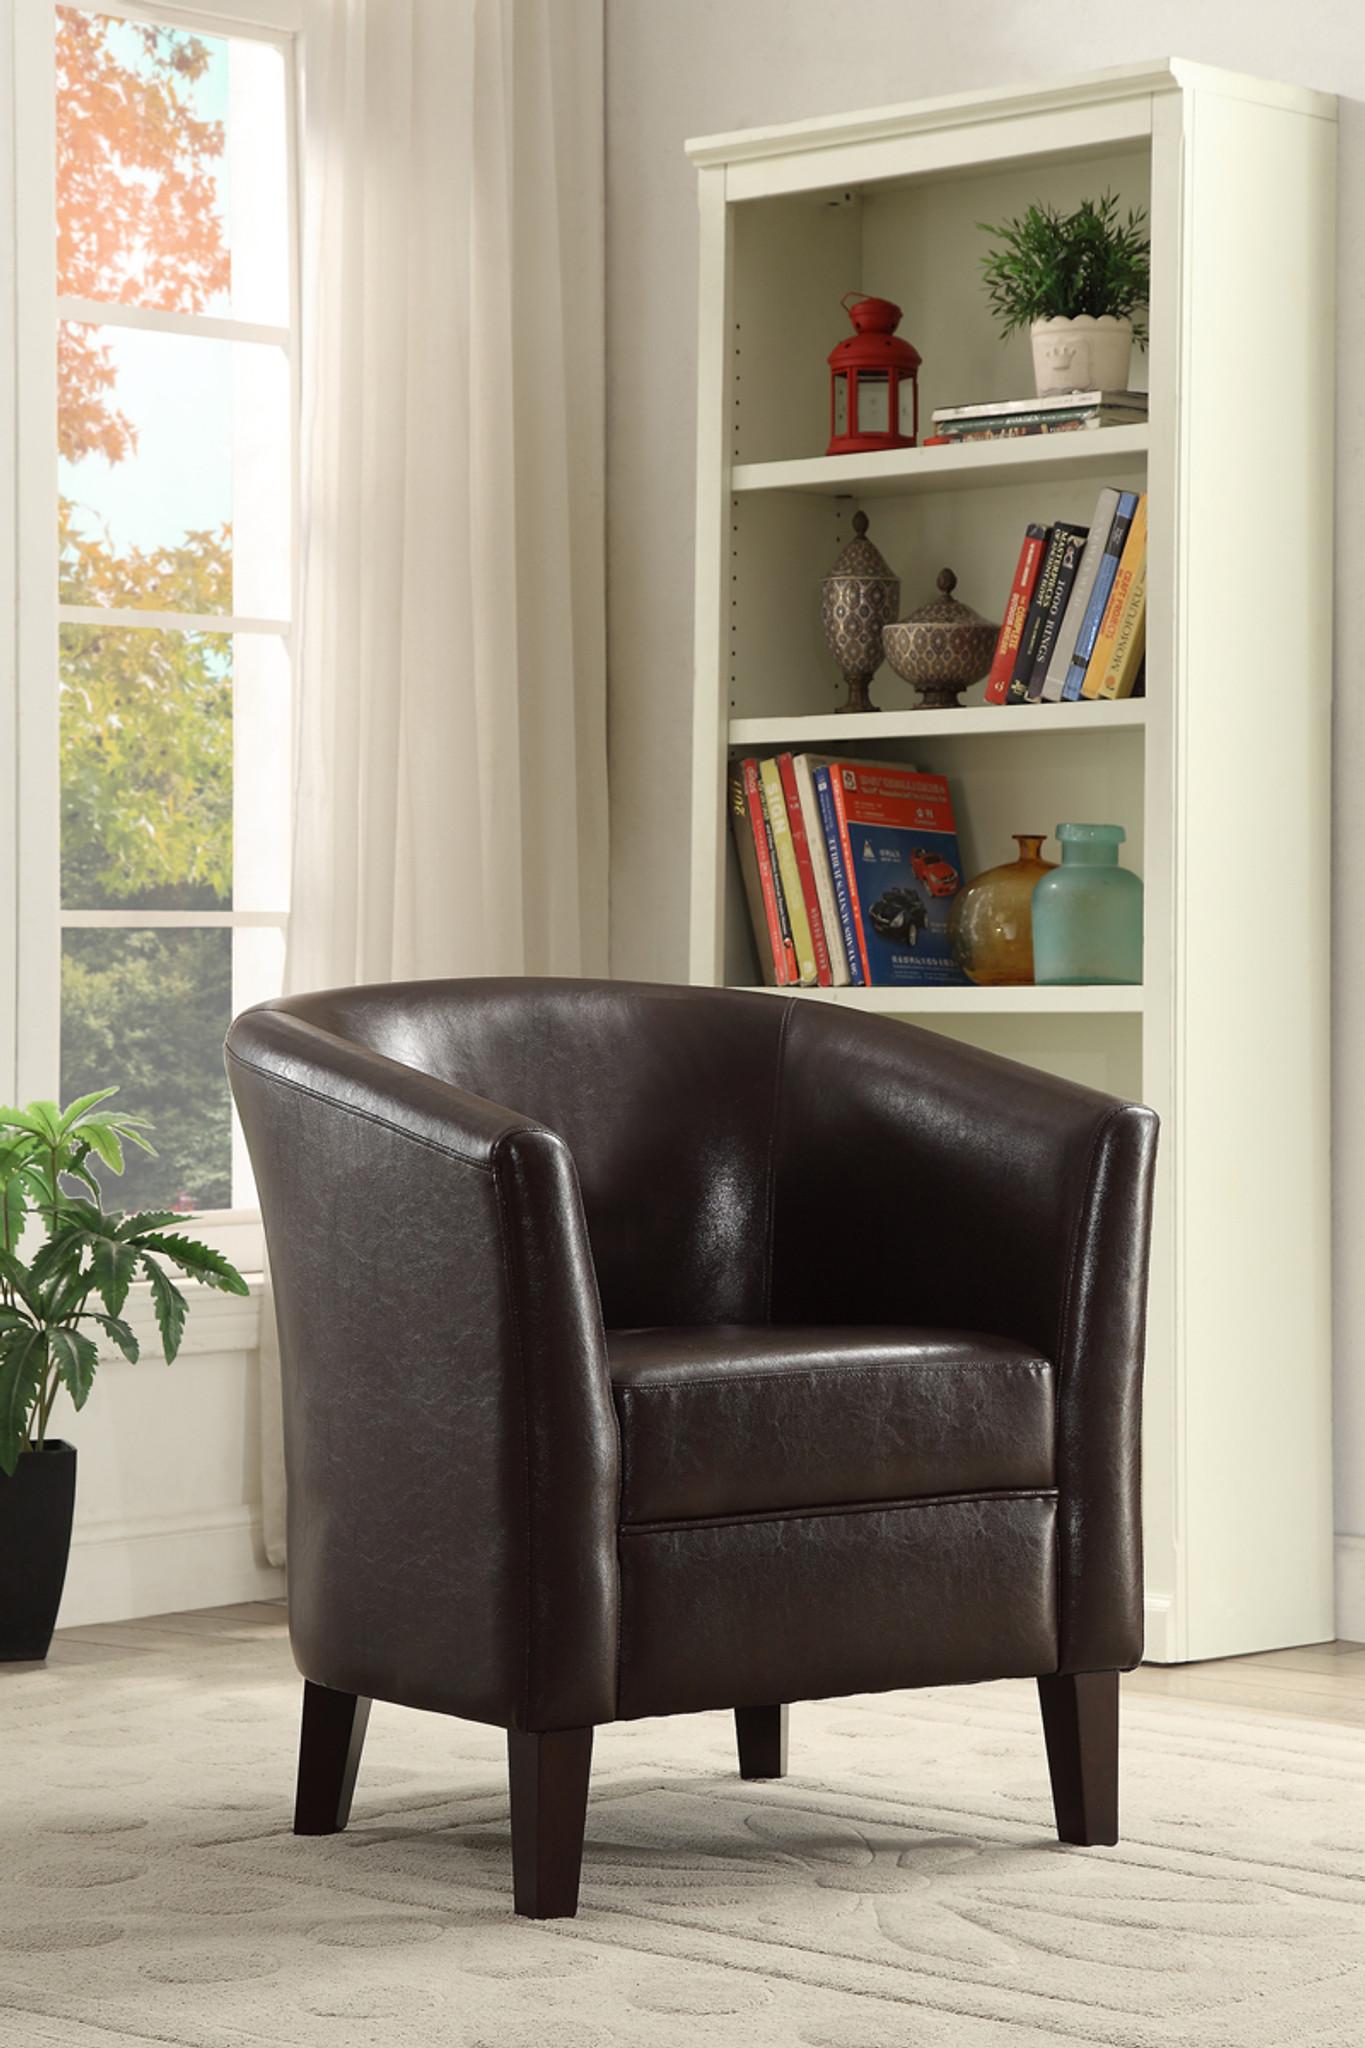 Enjoyable Chocolate Faux Leather Accent Chair Creativecarmelina Interior Chair Design Creativecarmelinacom